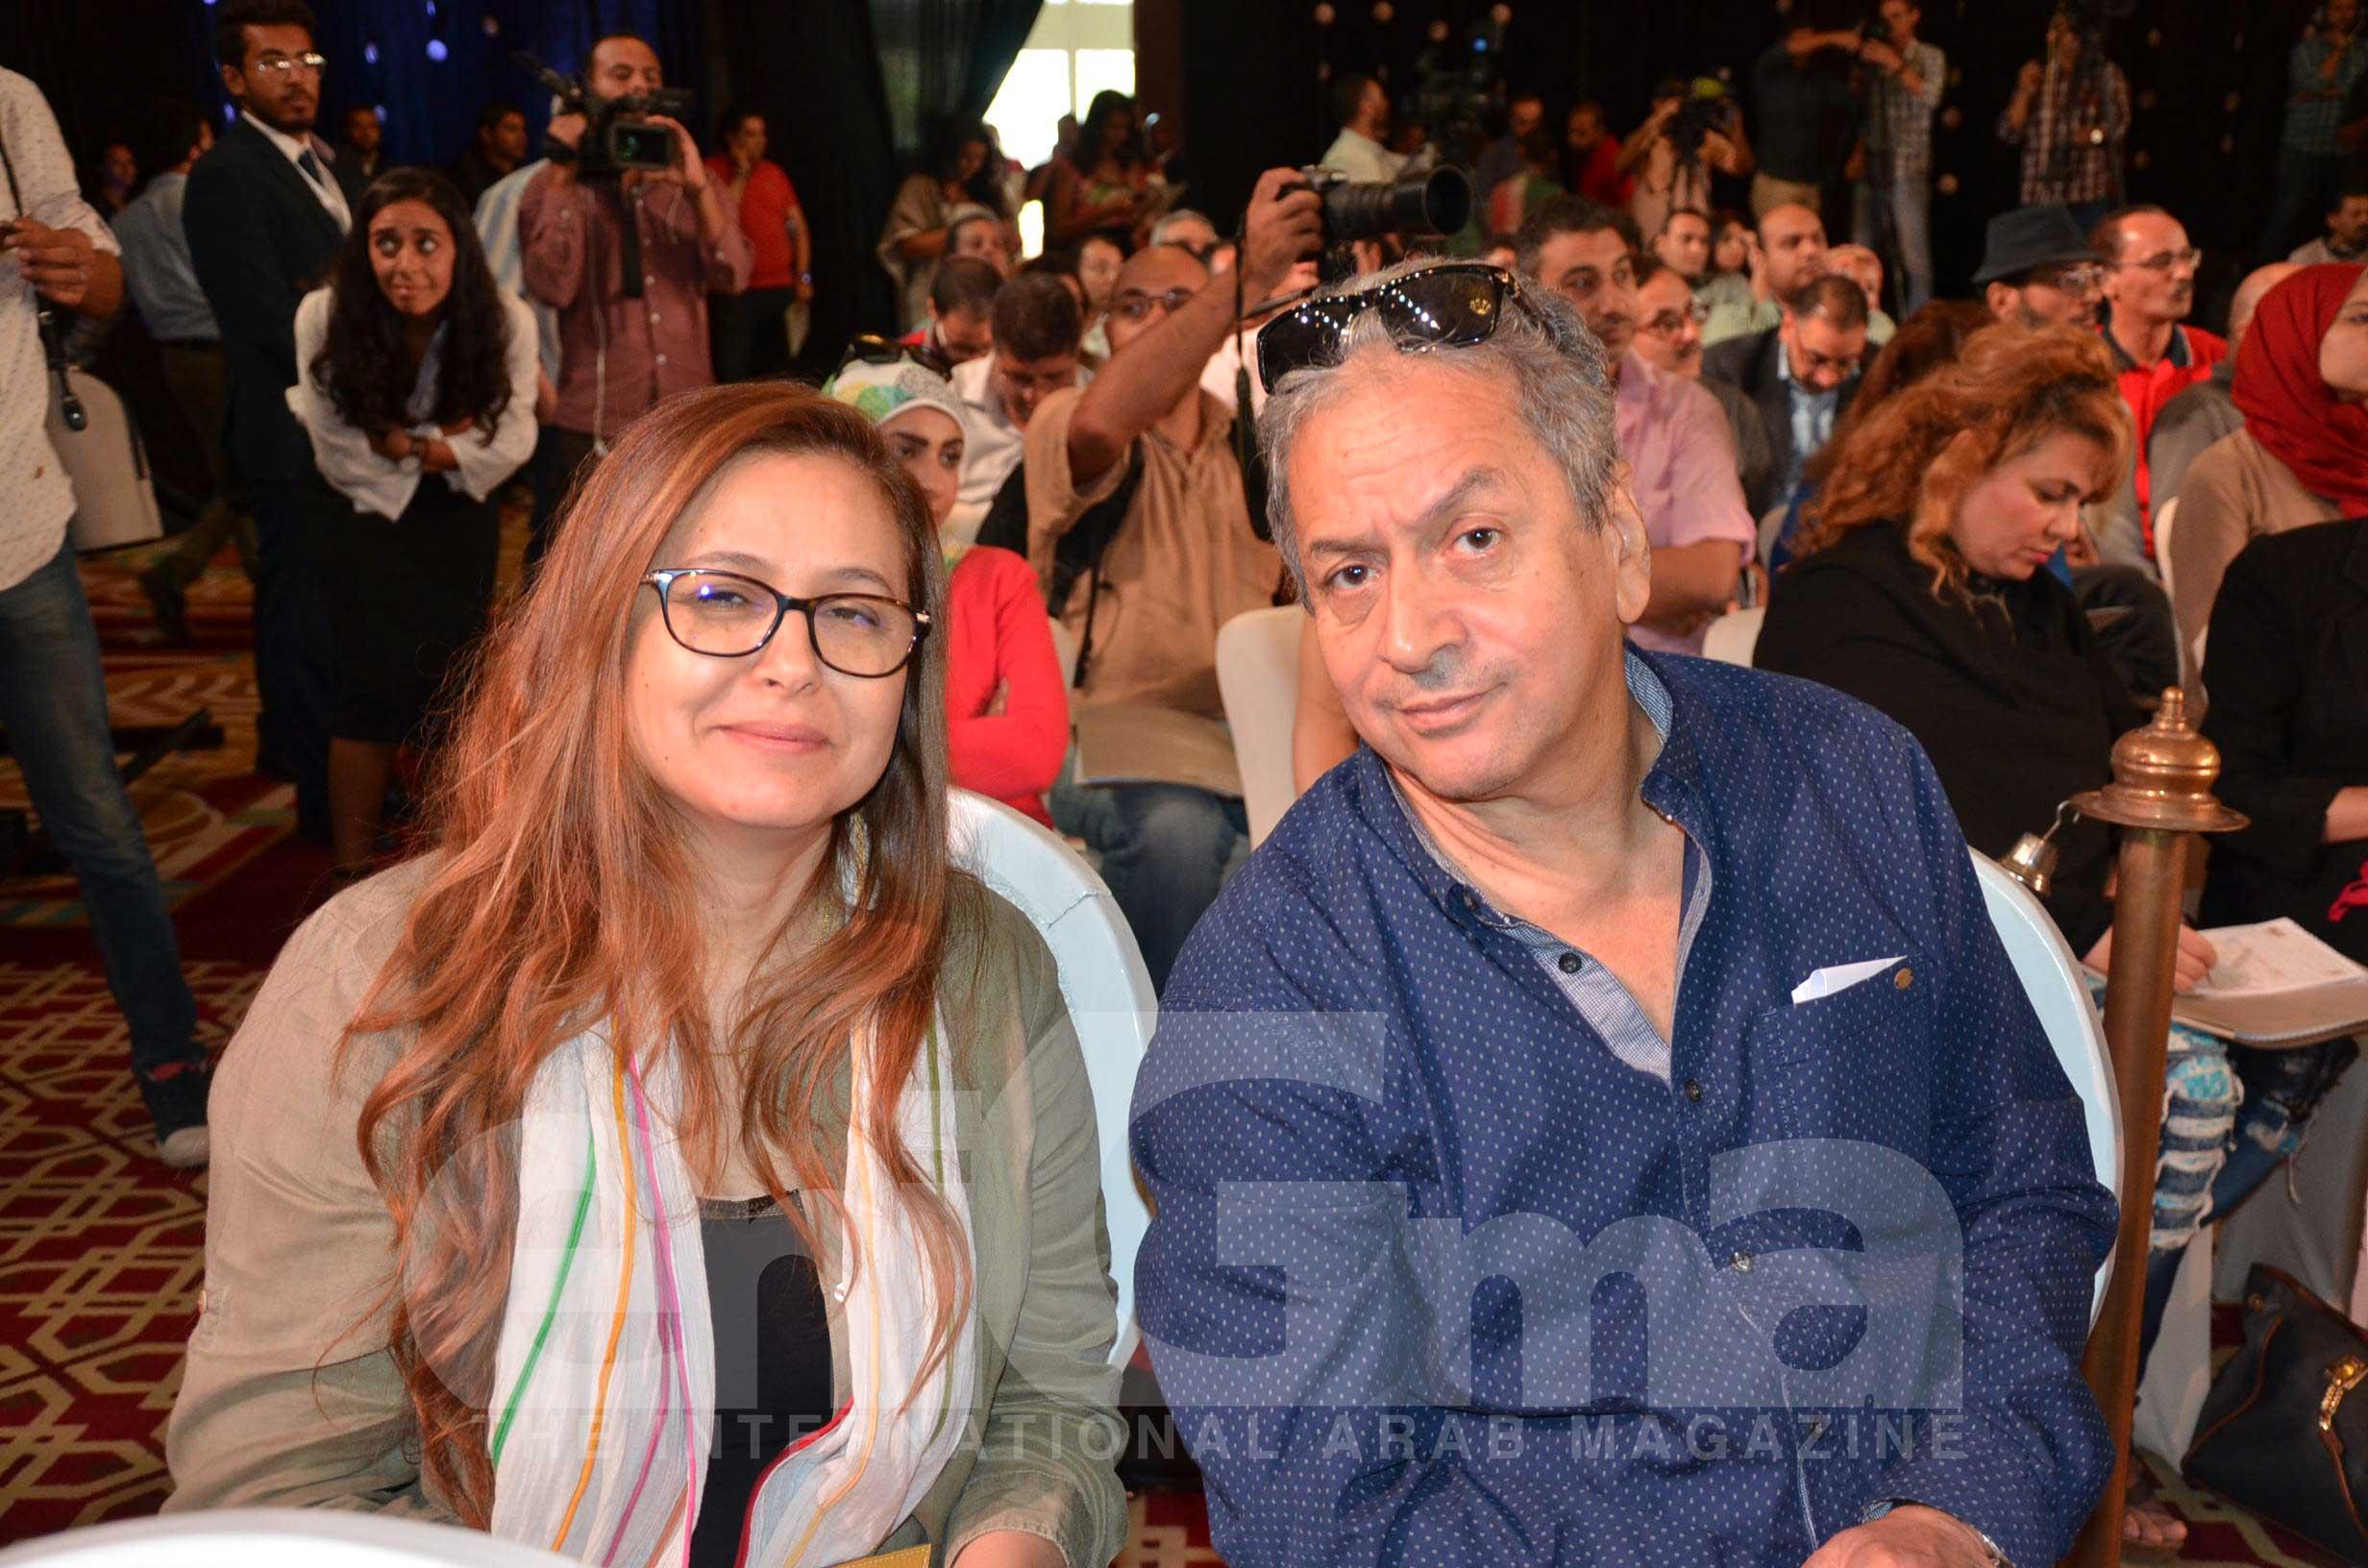 Ms.-Insaaf-Abdelgelil-&-Mr.-Omar-Abdulaziz